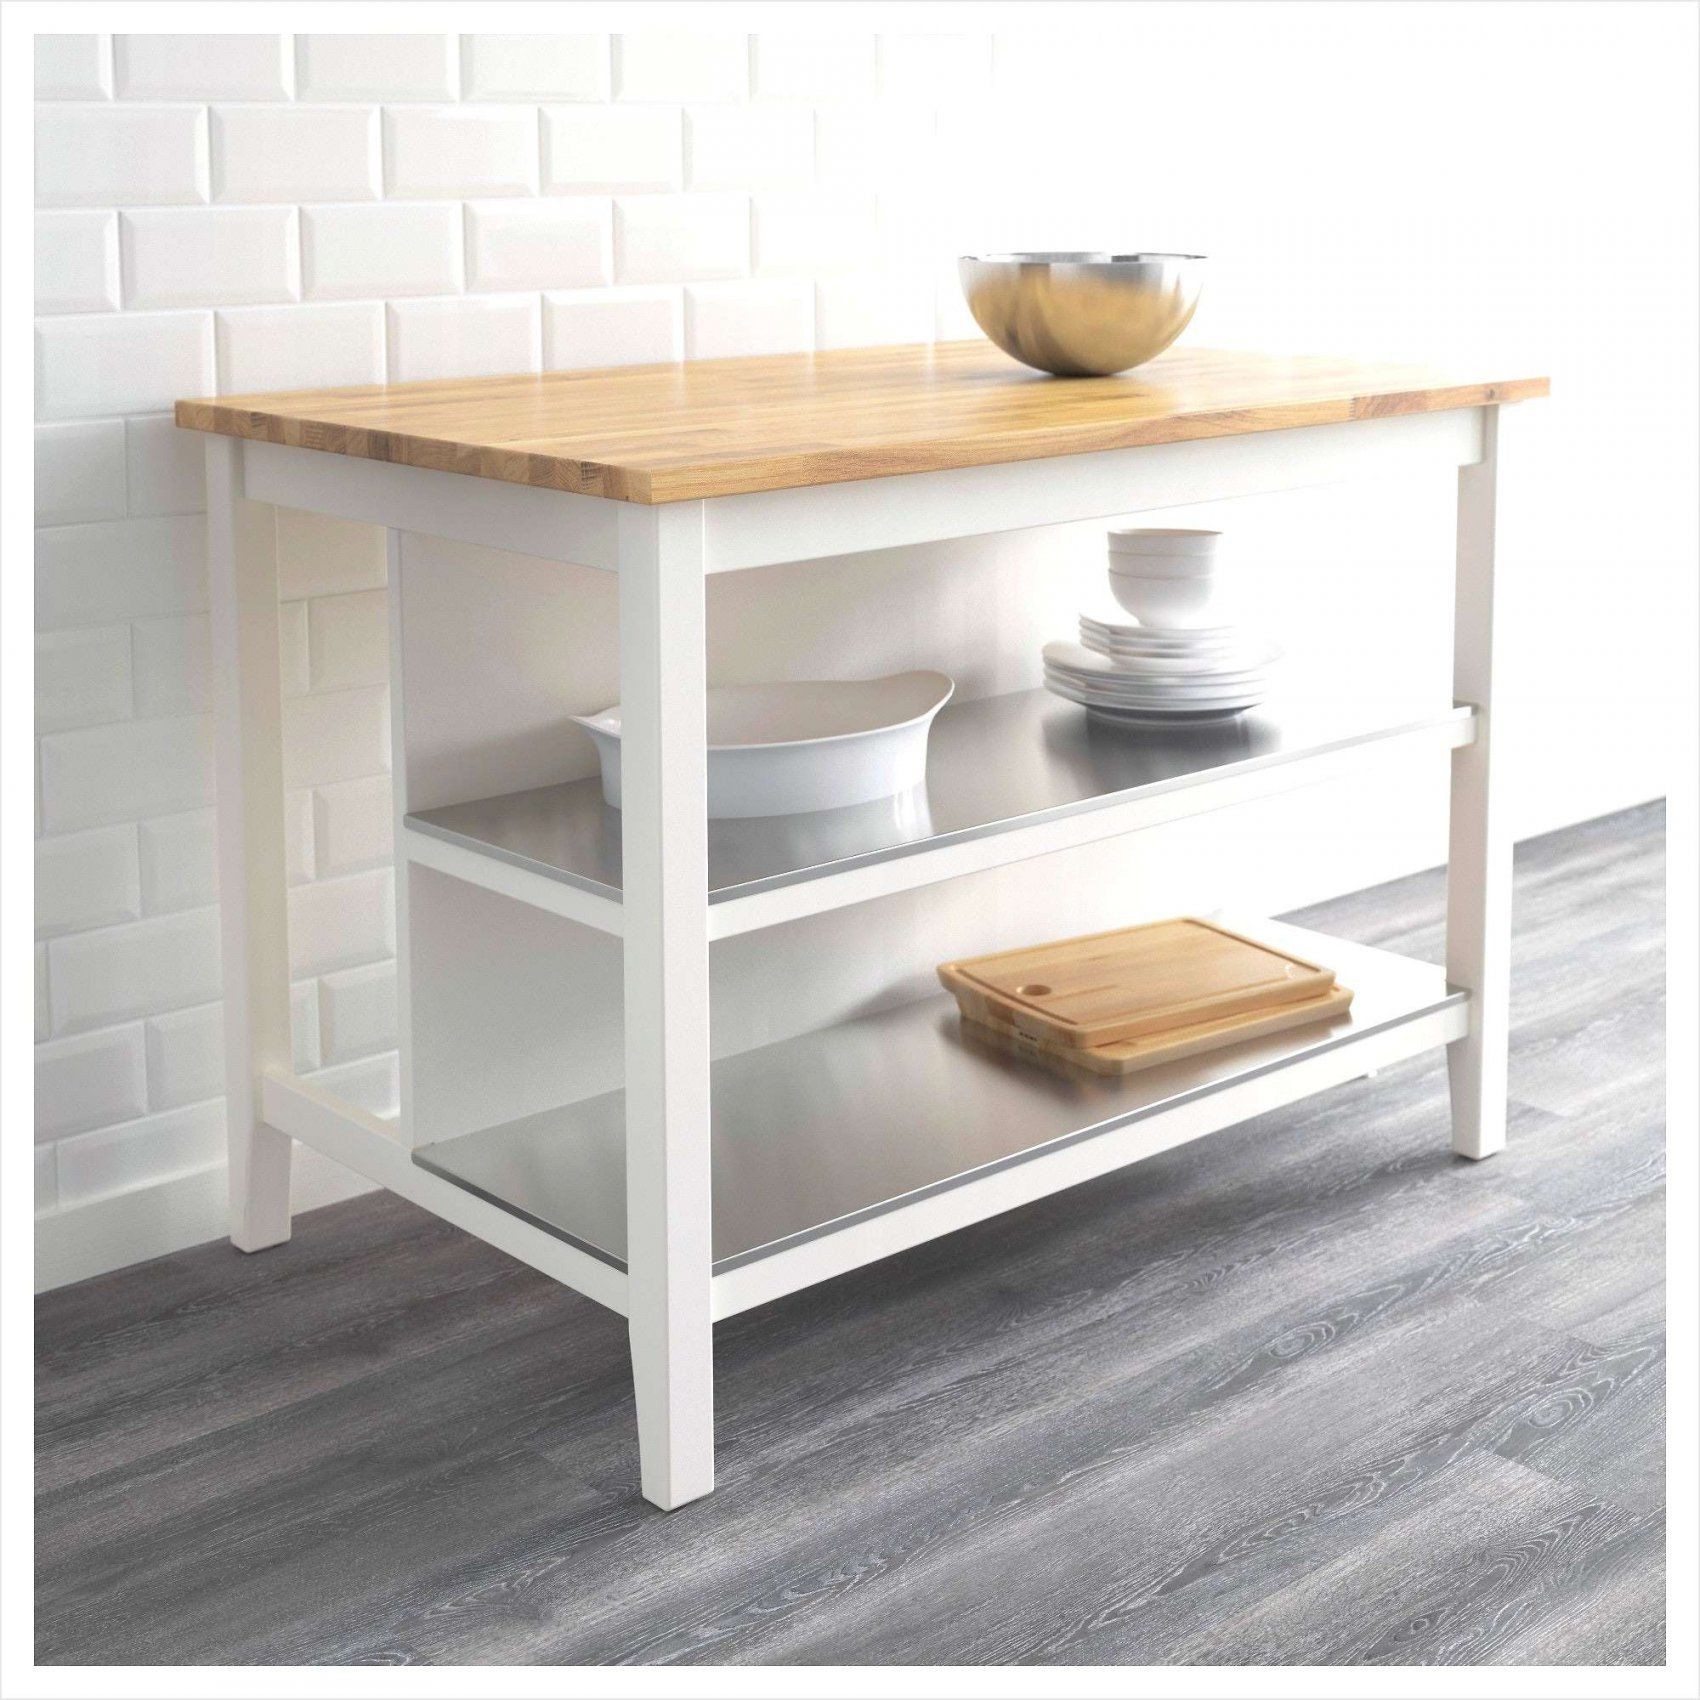 Ikea Beistelltisch Küche  Ikea Beistelltisch Küche Neu Bartisch Für Küche Interieur